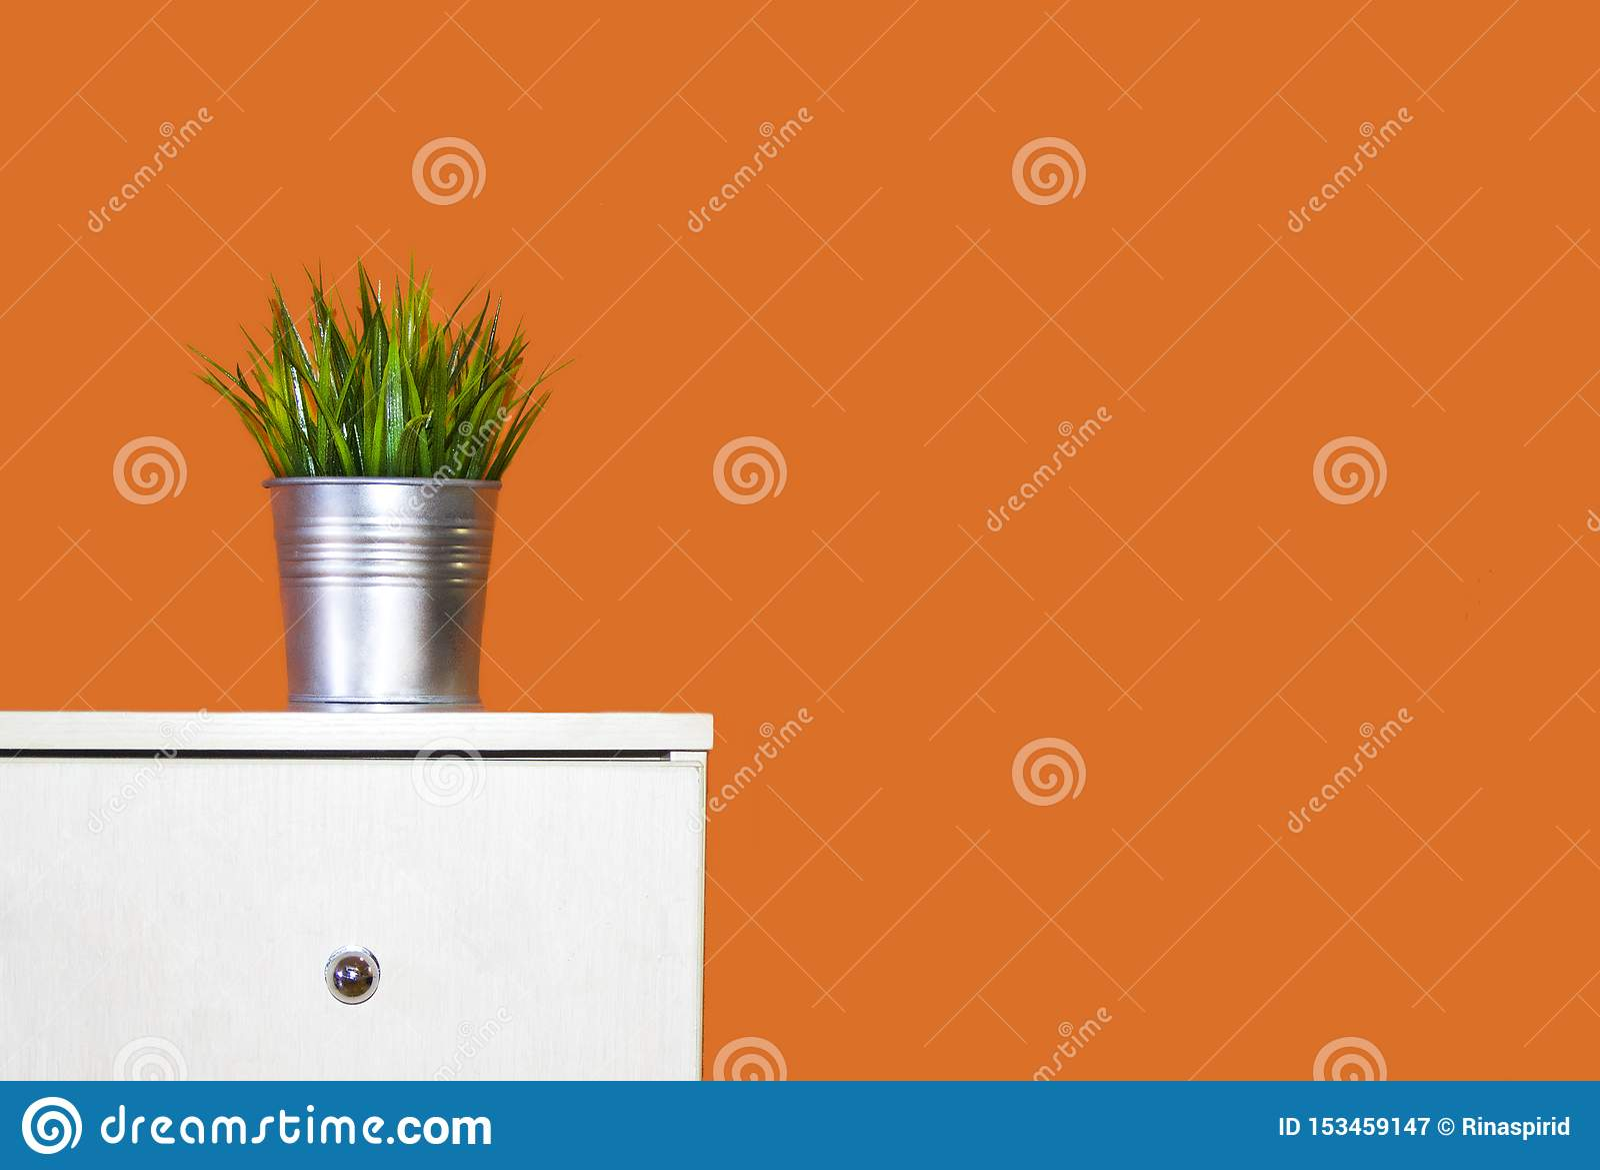 Interior pote con la hierba decorativa que se coloca en el aparador contra la perspectiva de la pared anaranjada